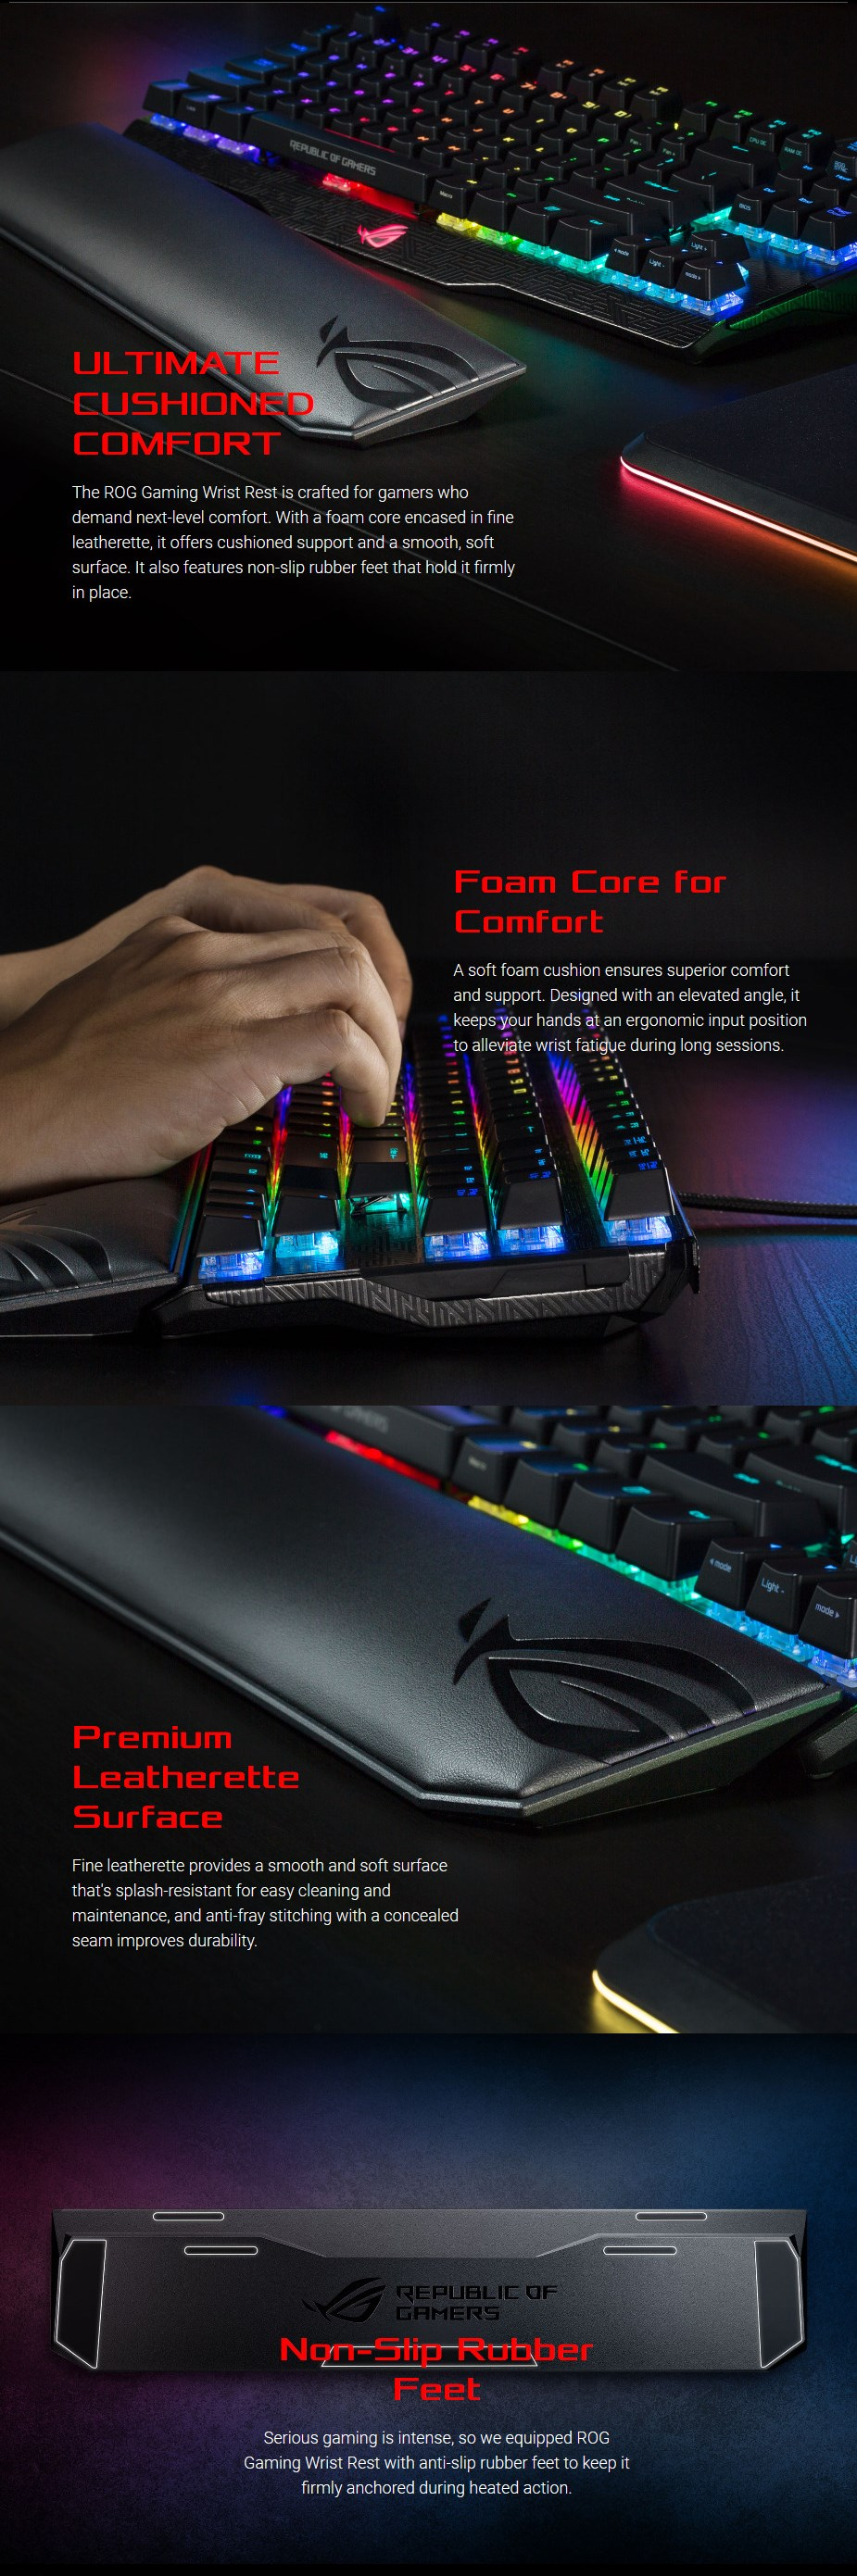 ASUS ROG Gaming Wrist Rest - Desktop Overview 1